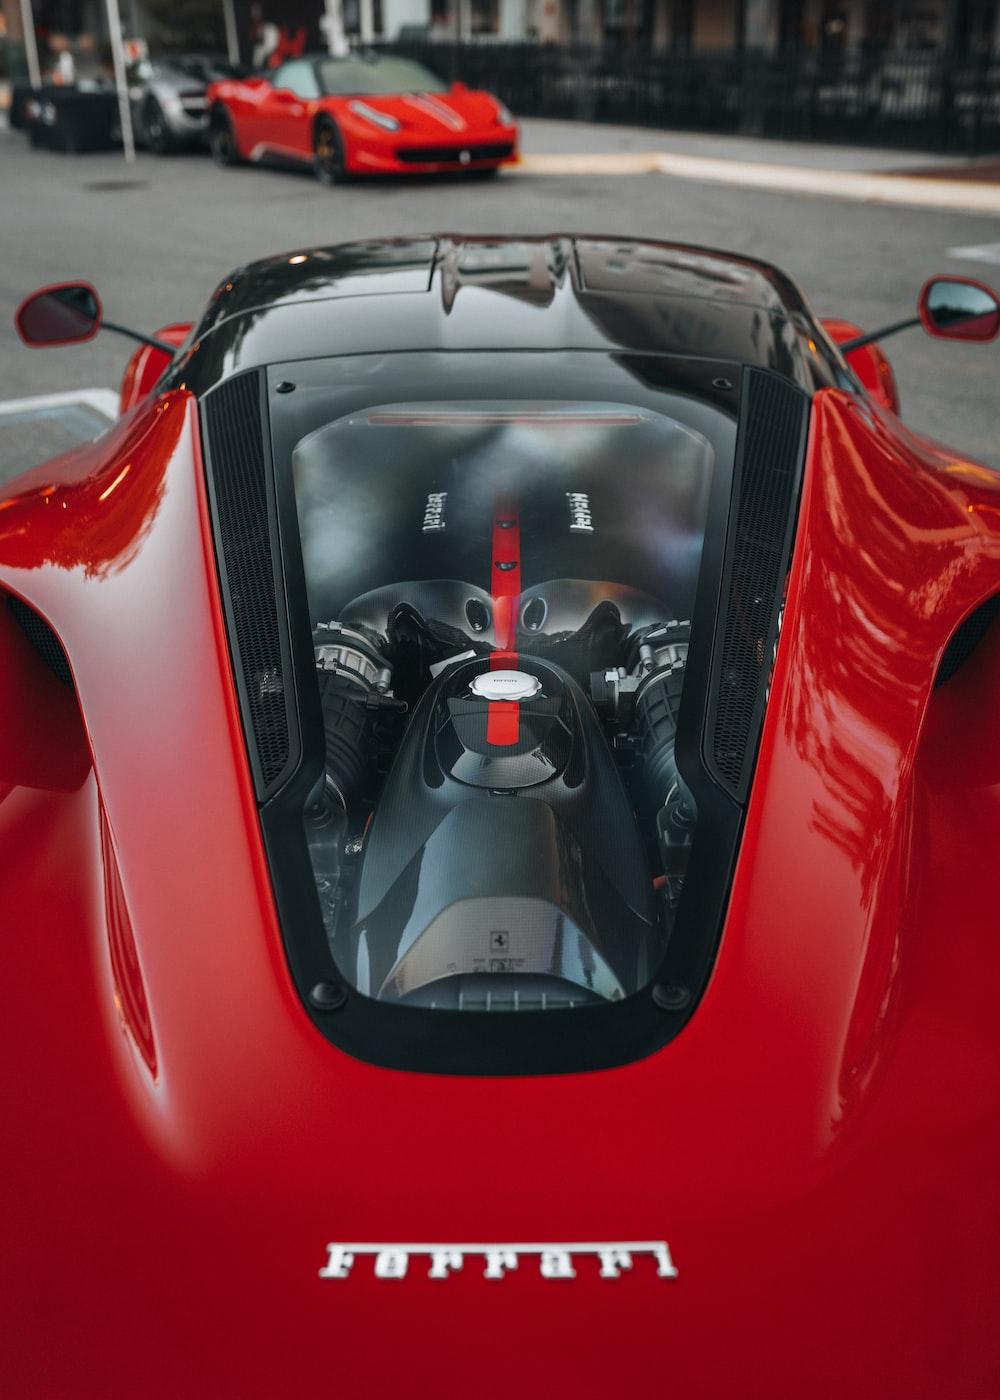 red ferrari 458 italia on road